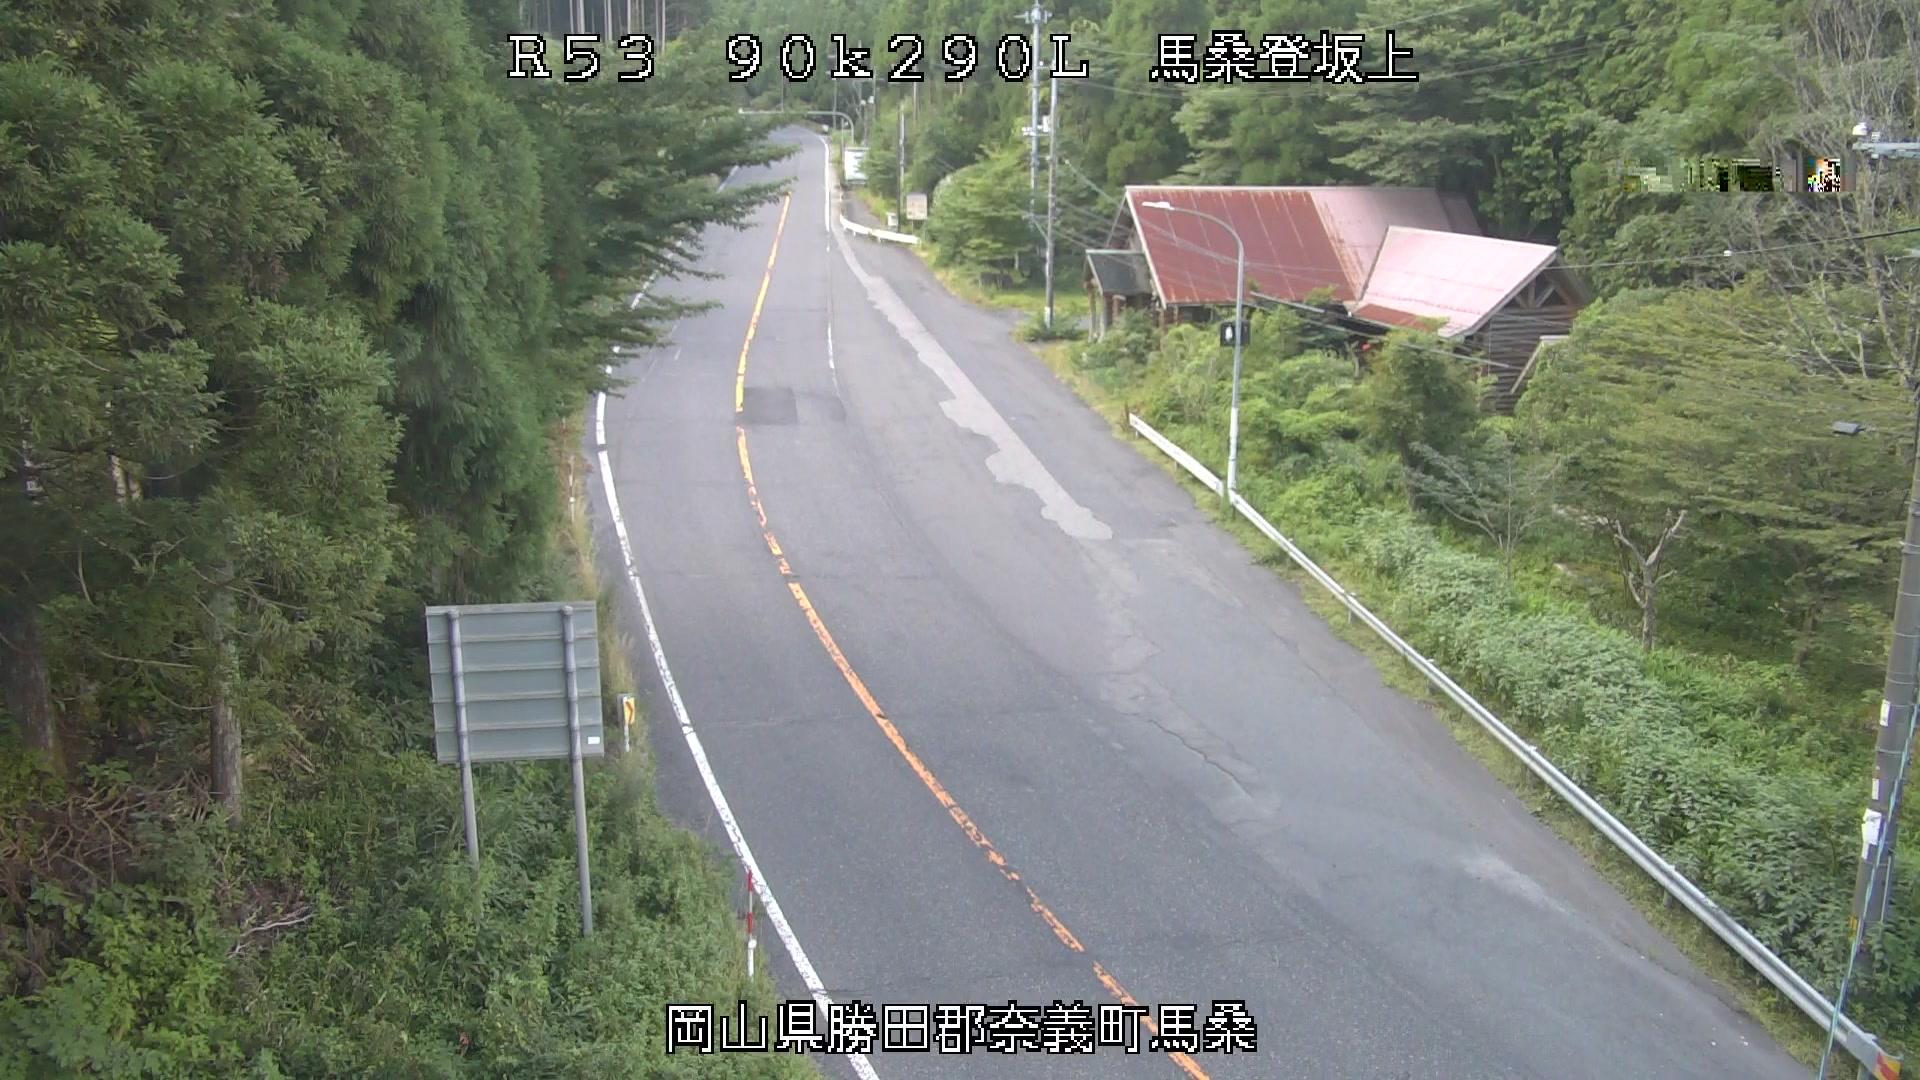 岡山県冬期道路気象情報システム